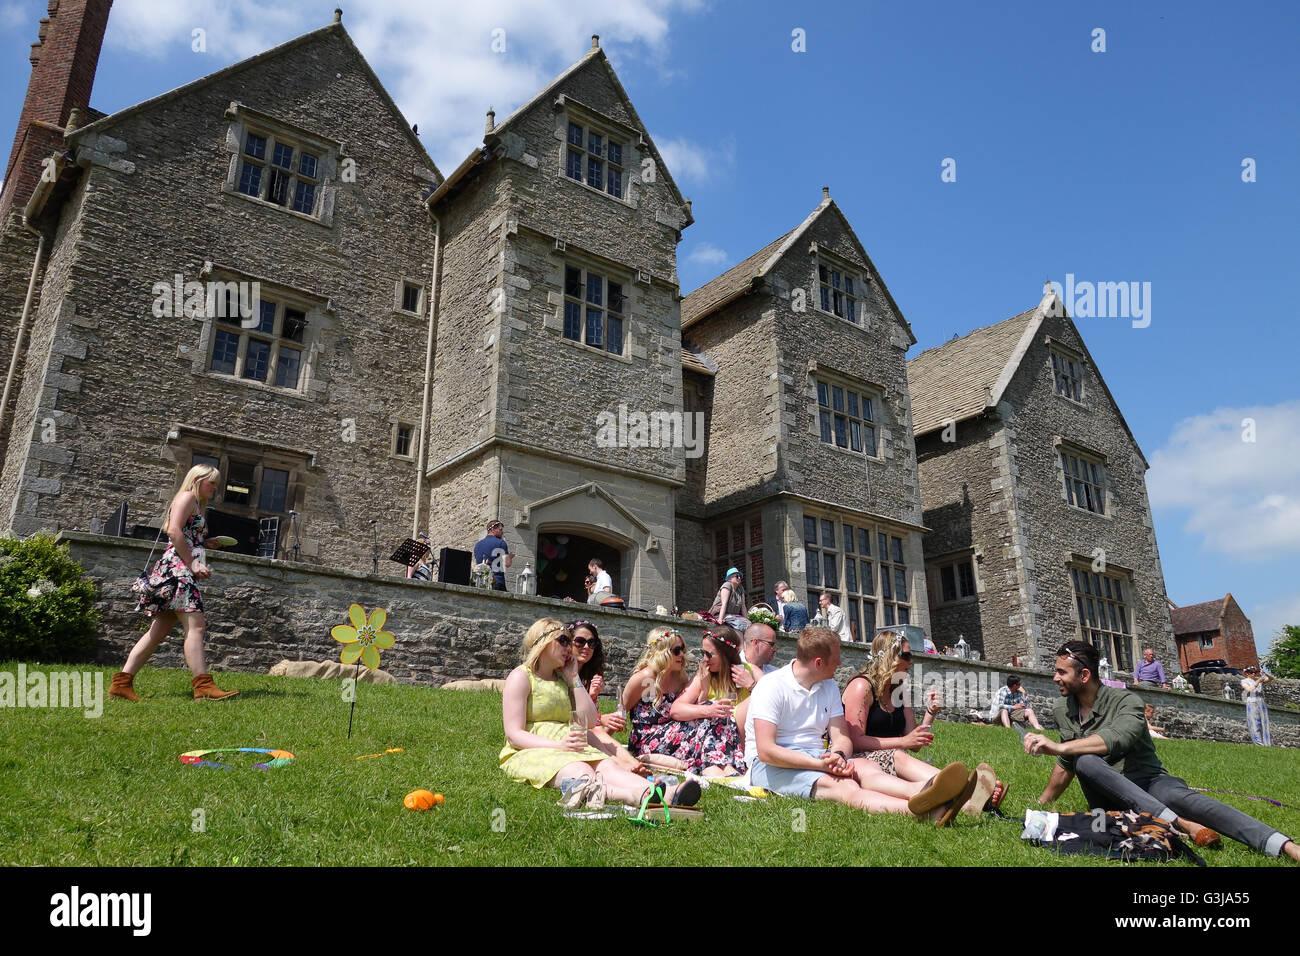 Garden Party Wedding Reception At Wilderhope Manor 16th Century